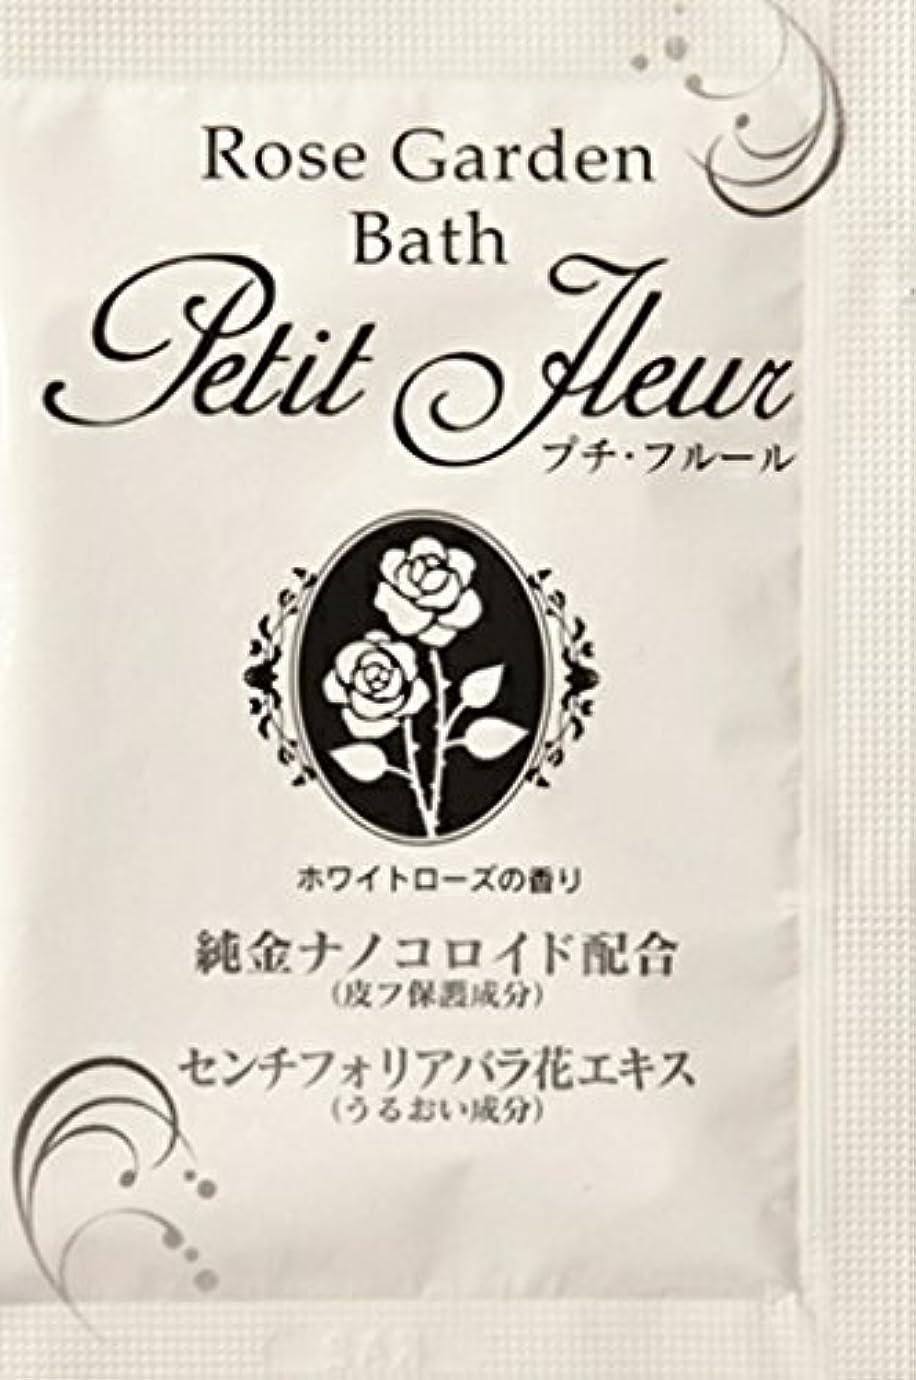 デンマーク語見捨てるアコード入浴剤 プチフル-ル(ホワイトロ-ズの香り)20g